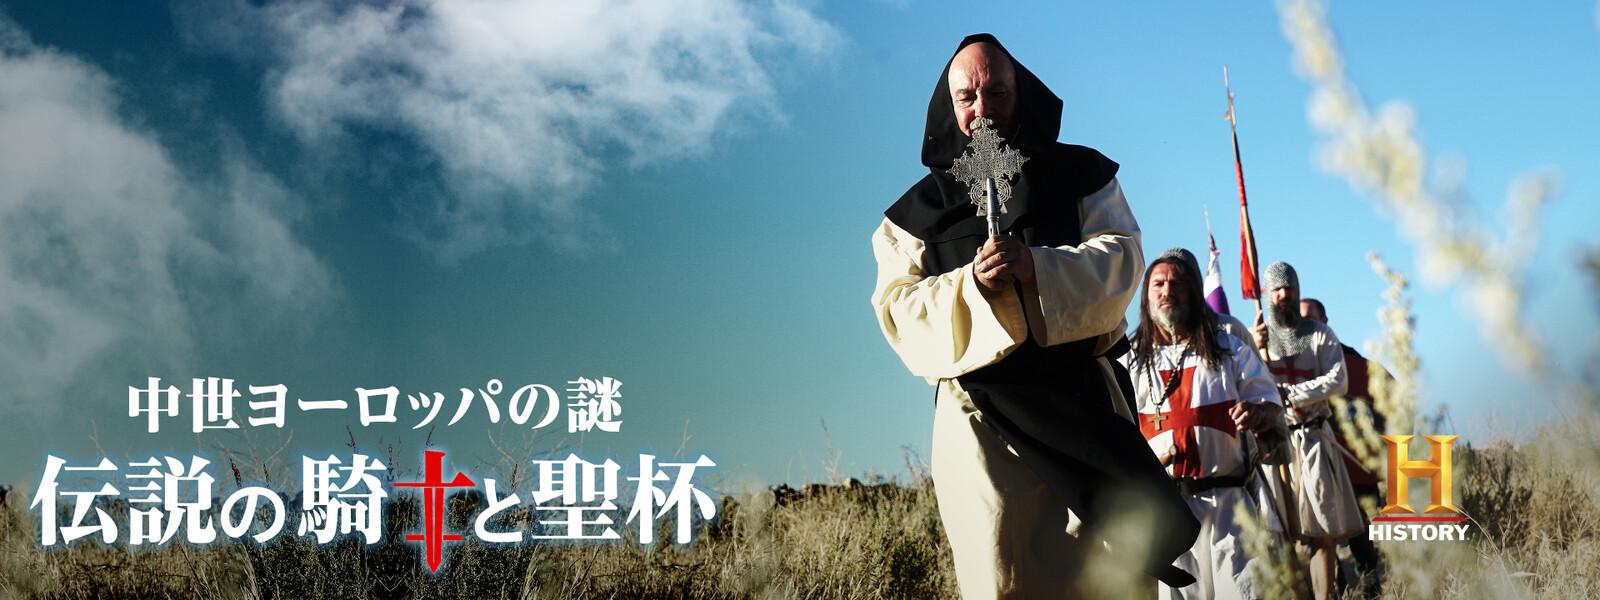 中世ヨーロッパの謎 伝説の騎士と聖杯 動画